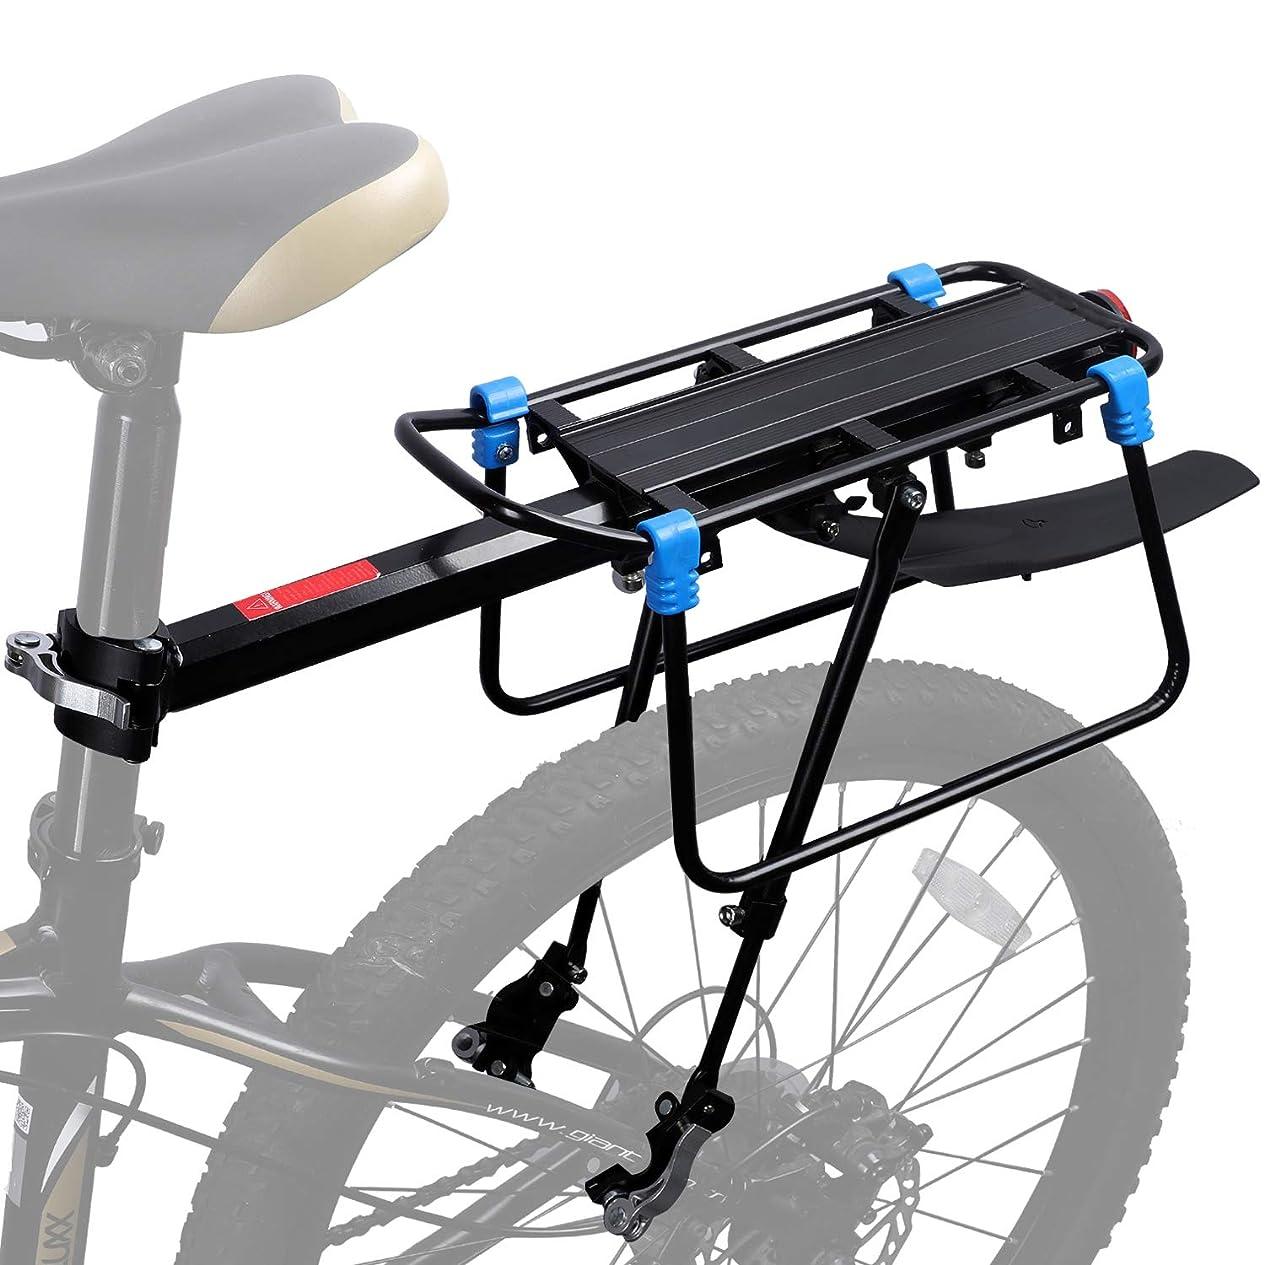 眉をひそめるオフ最初はCOMINGFIT® 超頑丈な自転車キャリアラック、調節可能な自転車荷物貨物ラック、180kgの重さをサポートするための6つの強力なサポートバー